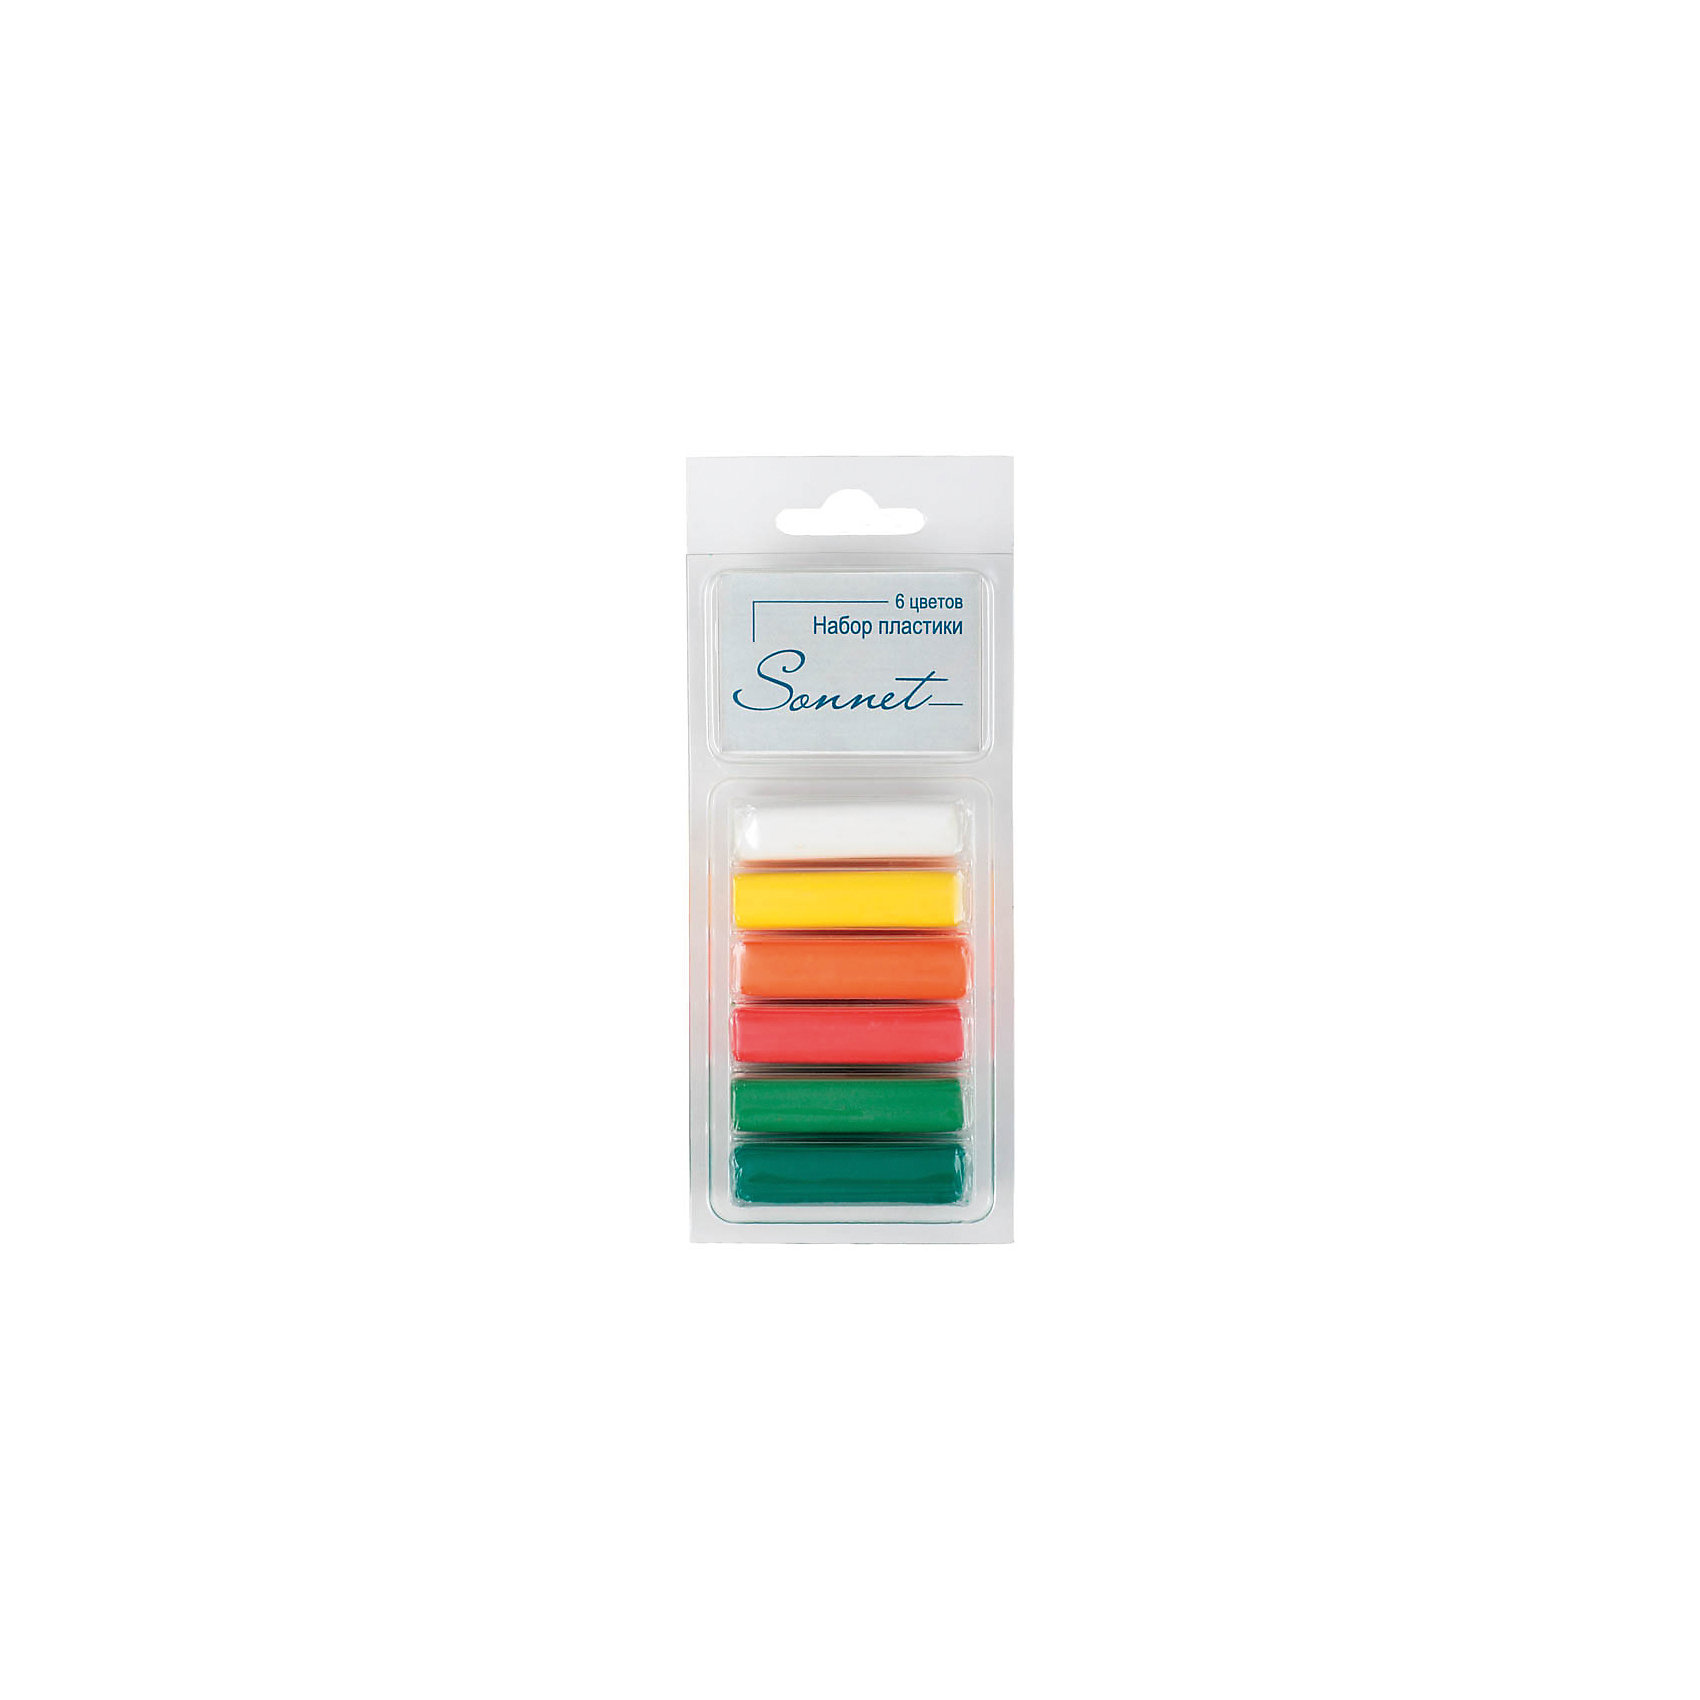 Набор пластики для лепки Фруктовые цвета 6 цветов 120г СонетРисование и лепка<br>Количество цветов: 6 <br>Вес нетто: 120<br>Упаковка ед. товара: картонная коробка<br>Наличие европодвеса: есть<br>С помощью полимерной глины можно создать необычные аксессуары и бижутерию своими руками. Пластика отвердевает при термообработке, хорошо размягчается, не липнет и не пачкает руки. Инструкция: Разомните пластику. Поместите изделие на противень в нагретый до 130 °C духовой шкаф на 3-30 минут (в зависимости от размеров). Дайте изделию остыть, отвердеть. После занятий лепкой руки протереть влажной тканью, затем вымыть их теплой водой с мылом. ВНИМАНИЕ: Обжиг должны проводить только взрослые! Не используйте микроволновую печь! Не превышайте температуру обжига! Предварительно сделайте пробный обжиг!<br><br>Ширина мм: 140<br>Глубина мм: 67<br>Высота мм: 33<br>Вес г: 136<br>Возраст от месяцев: 84<br>Возраст до месяцев: 2147483647<br>Пол: Унисекс<br>Возраст: Детский<br>SKU: 7044276